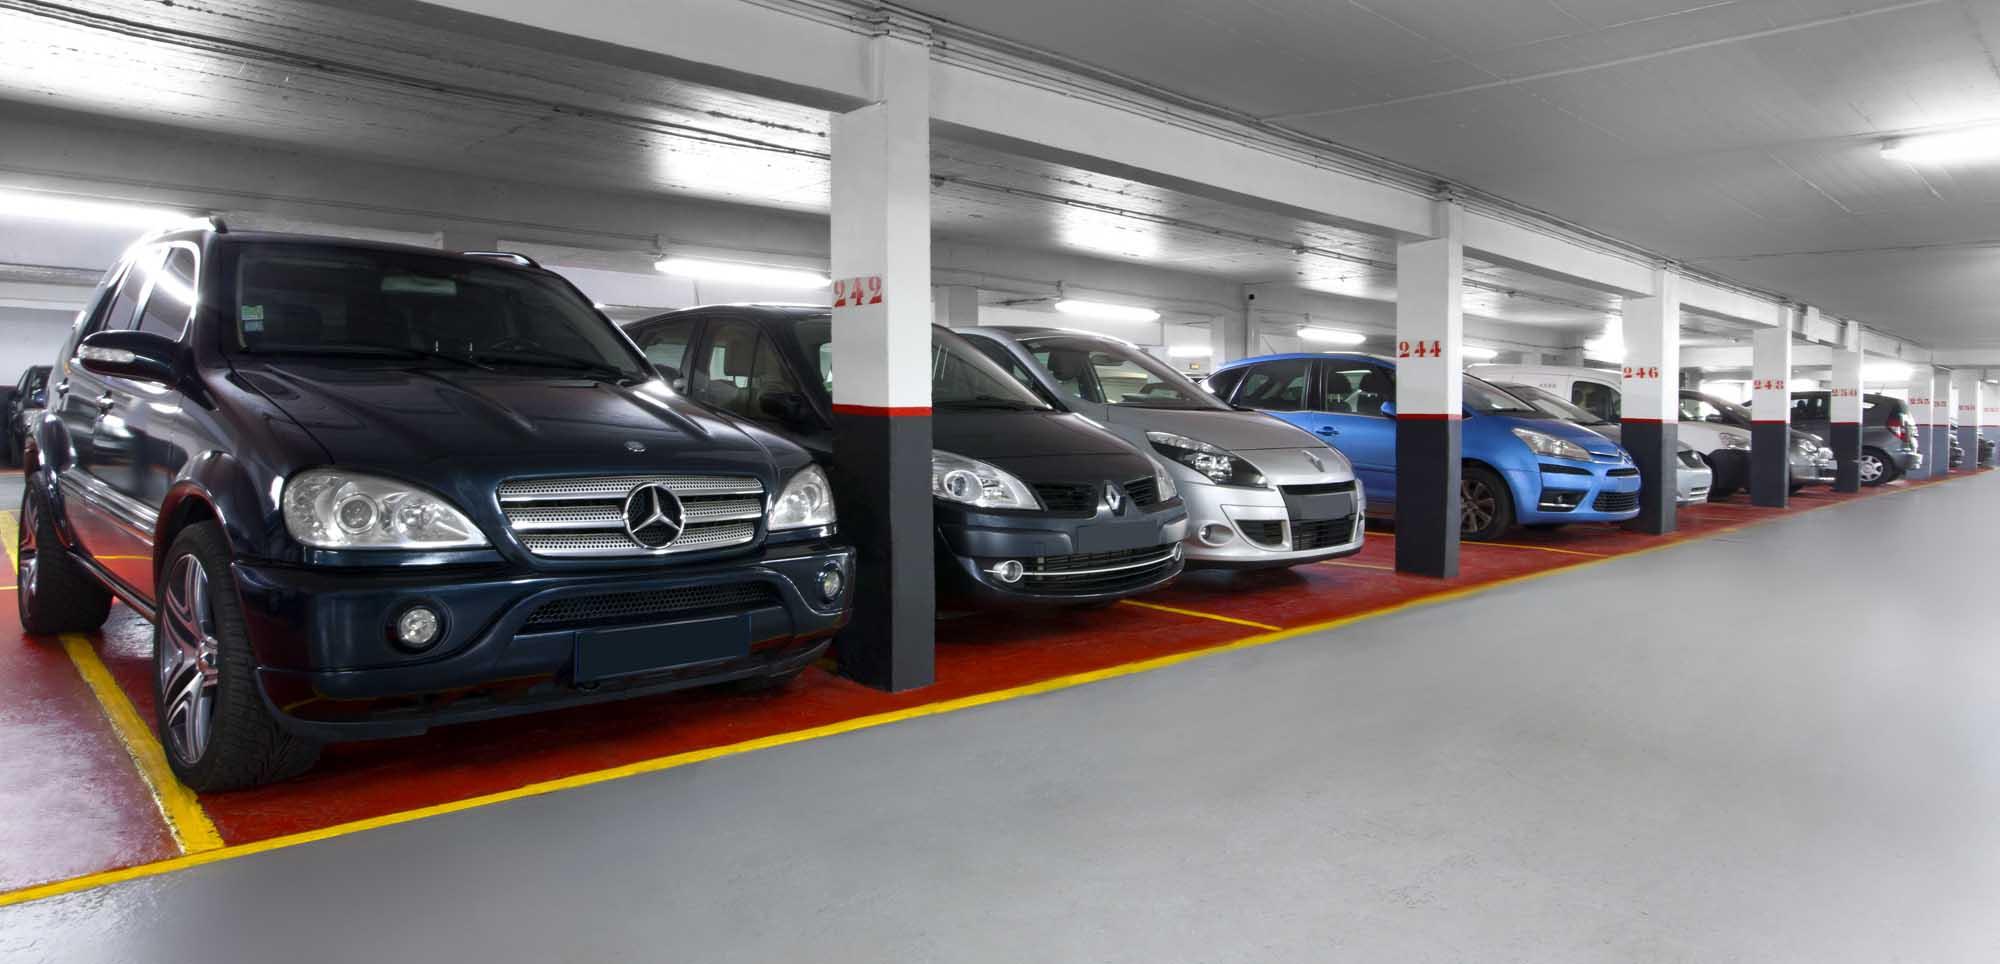 Location parking Montpellier, la meilleure solution